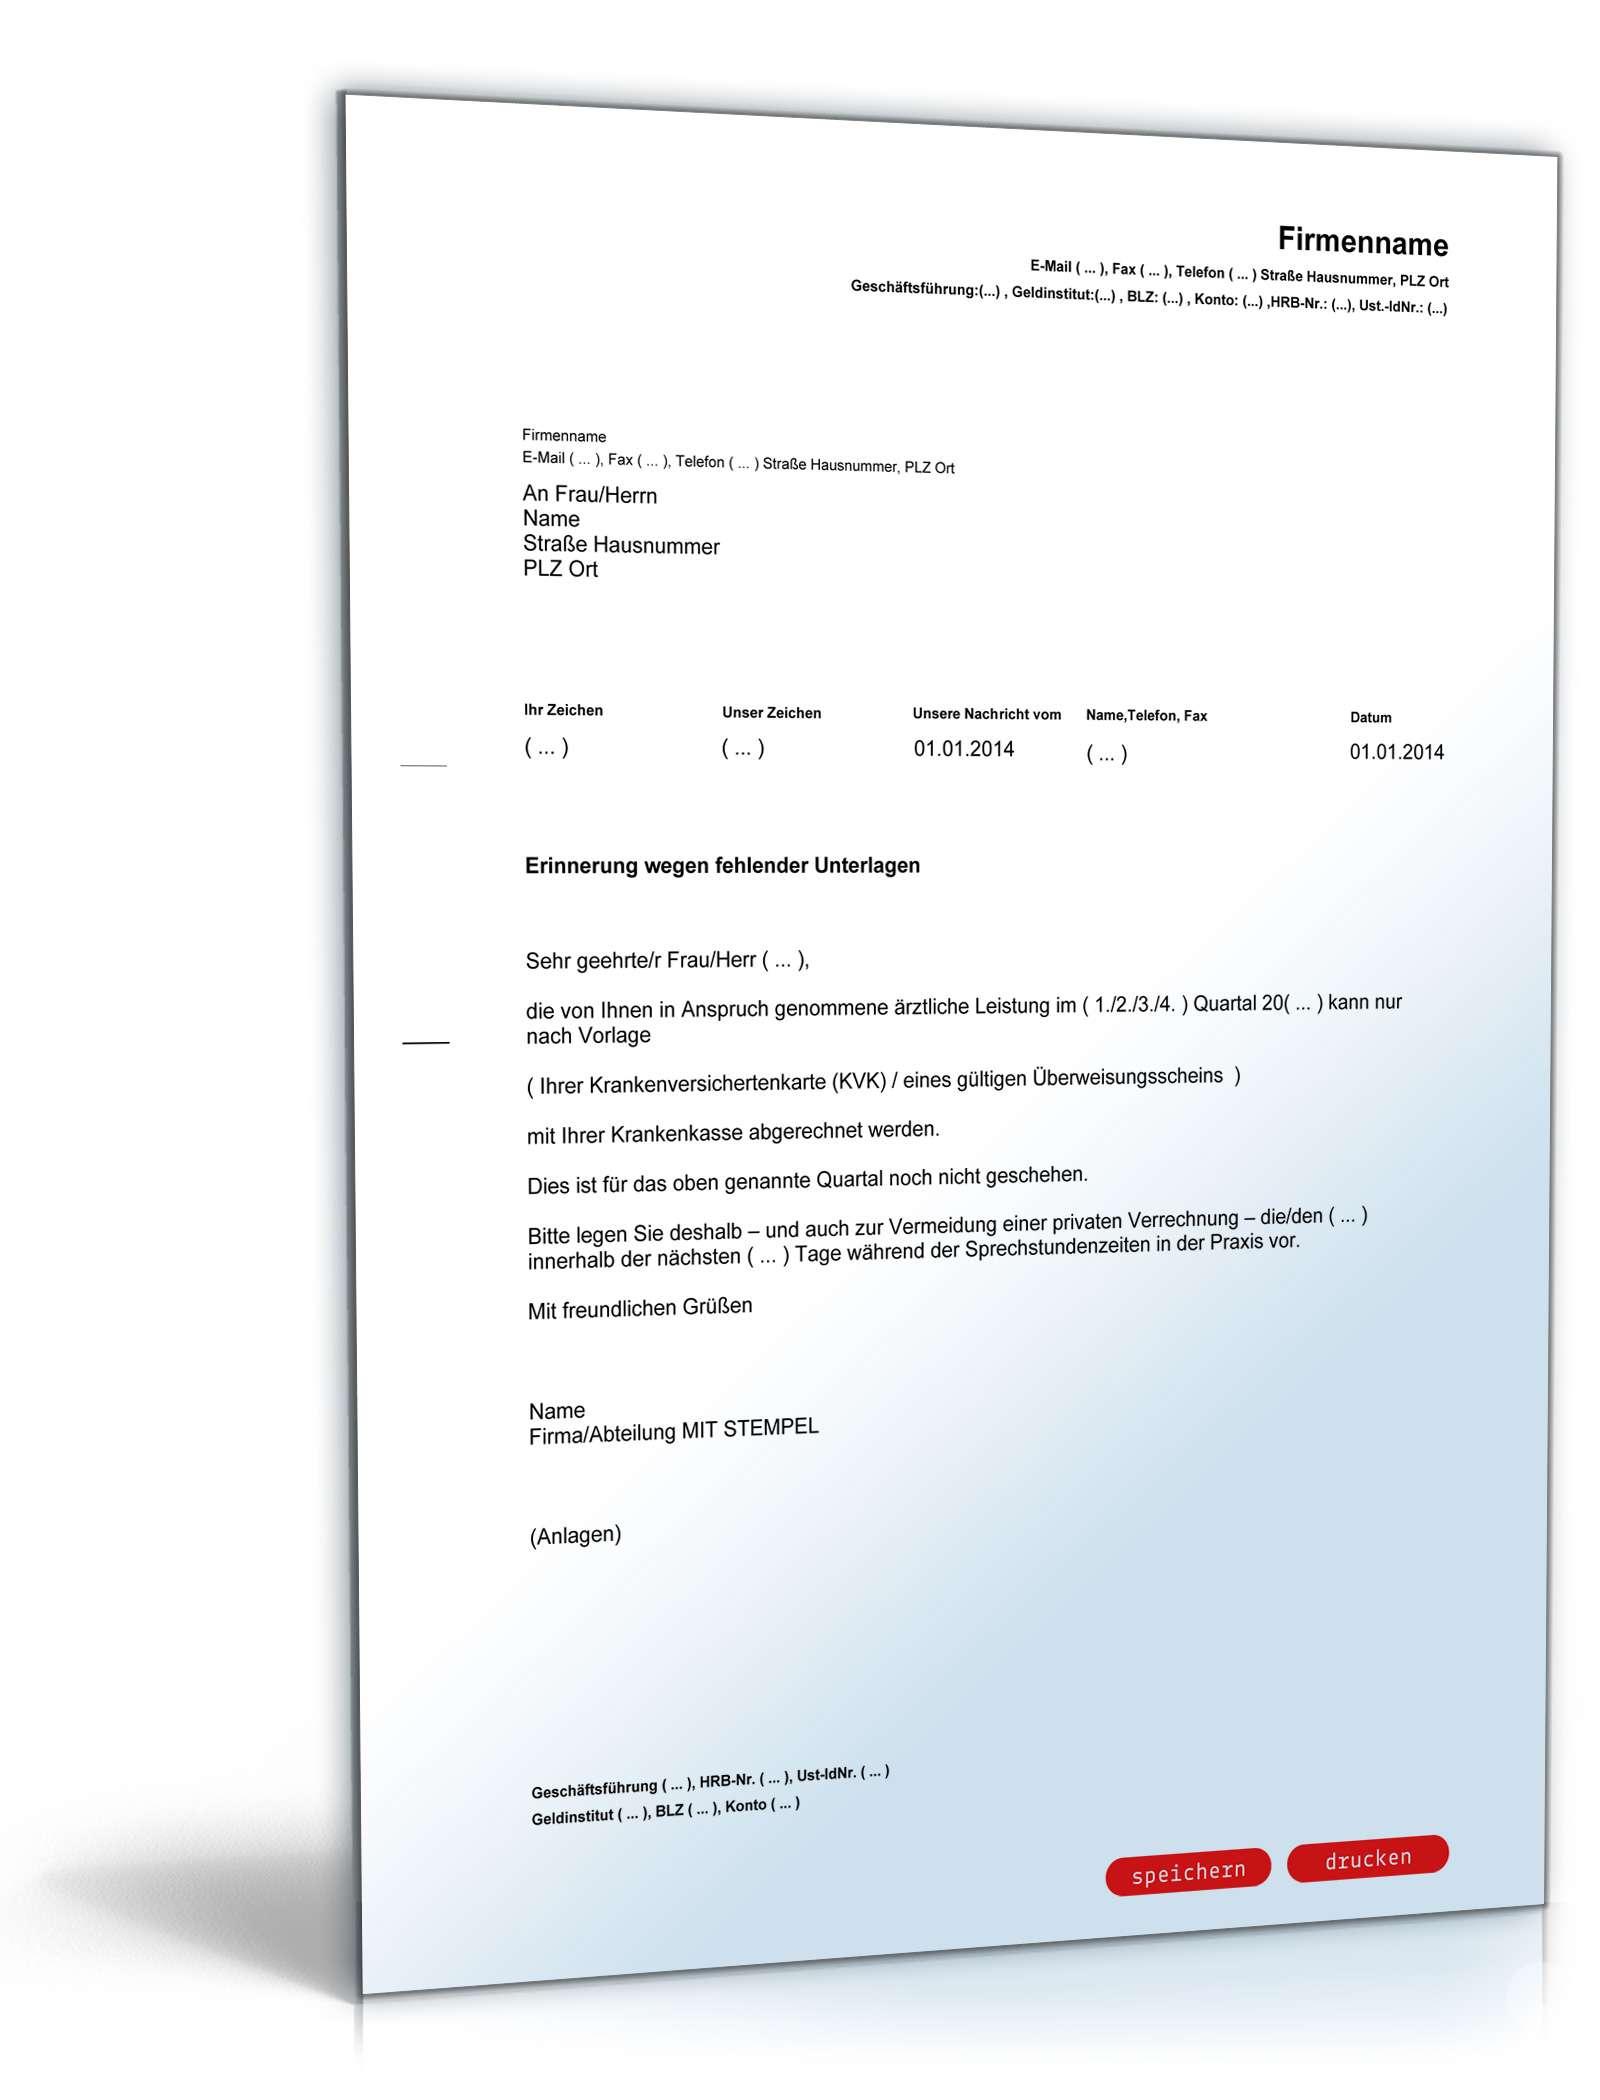 Aufforderung Krankenversichertenkarte nachzureichen | Vorlage zum Download